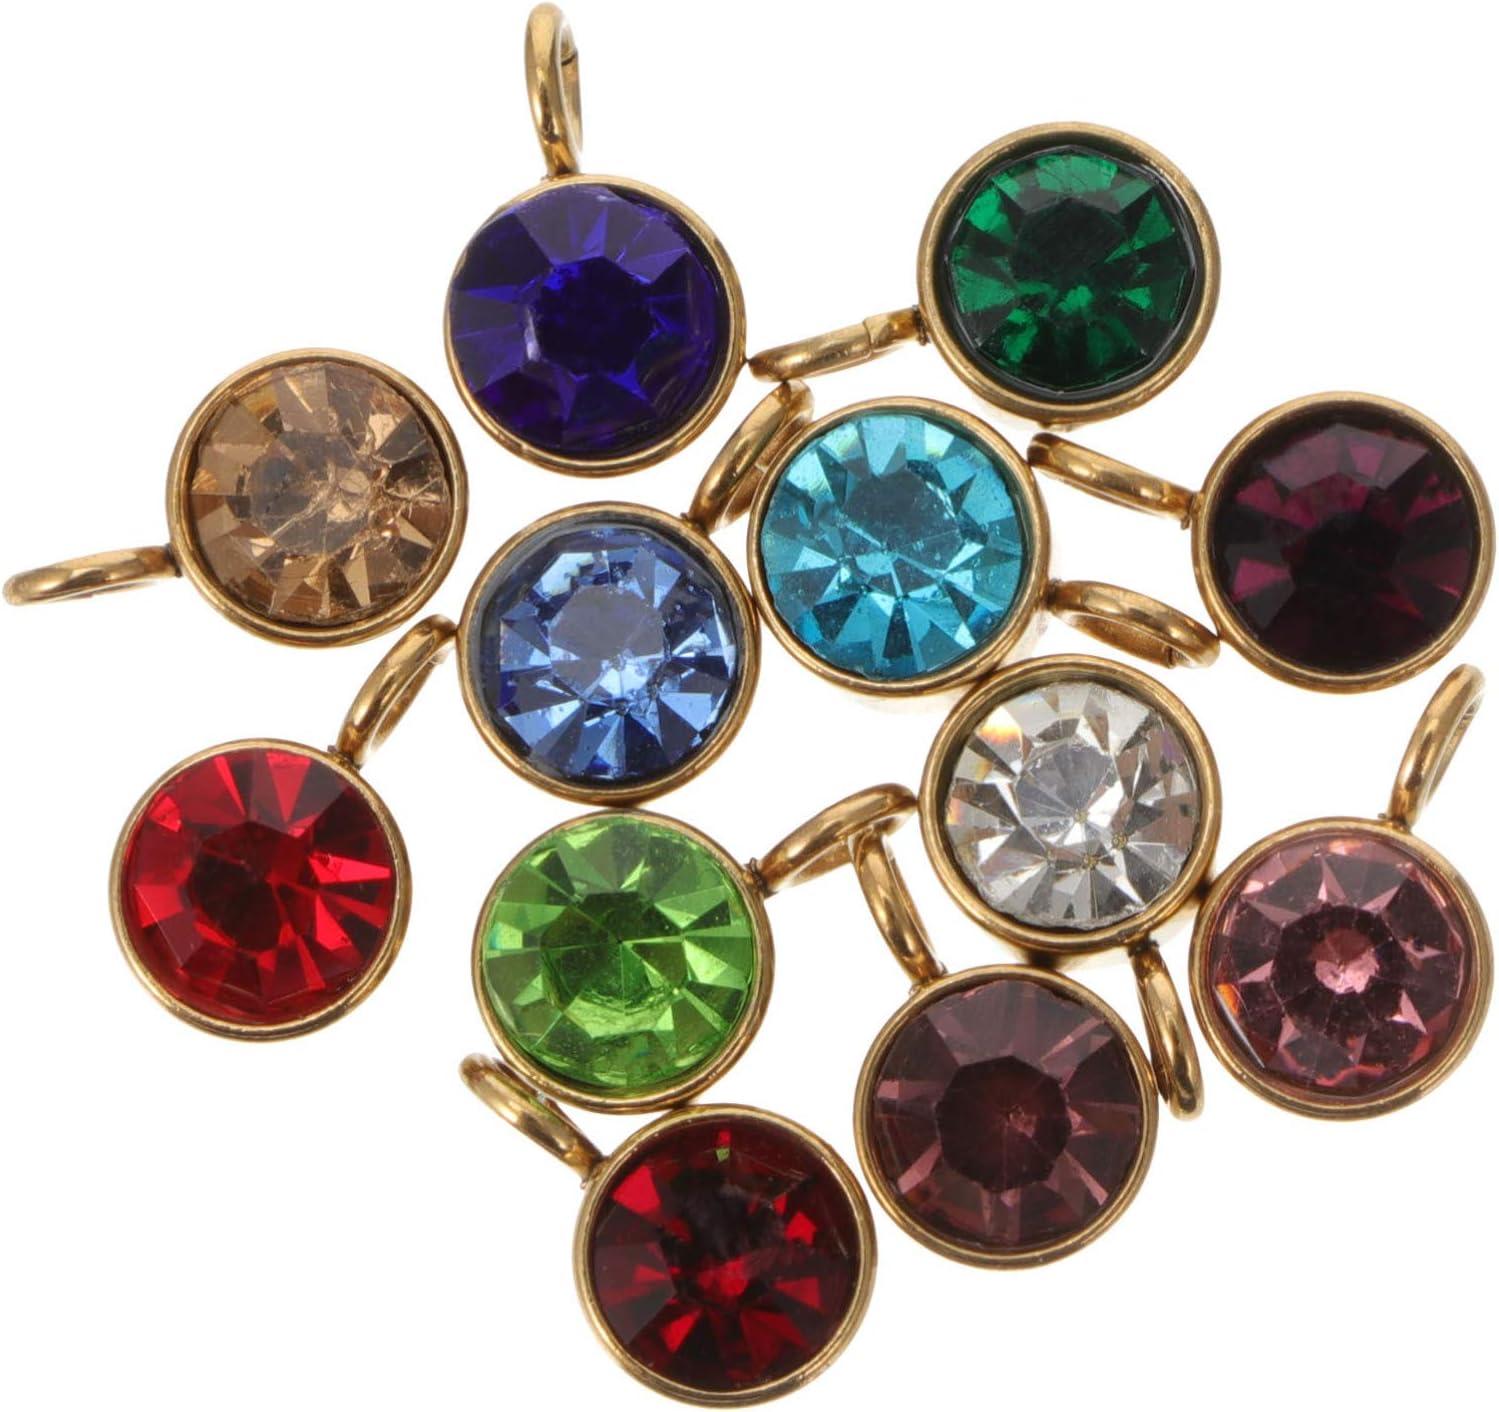 VALICLUD 12Pcs Encantos de Piedra Natal de Cristal 12 Colores Cuentas de Bricolaje Colgantes Espaciadores Encantos Accesorios con Anillos para Hacer Joyas Collar Pulsera Pendientes de Oro